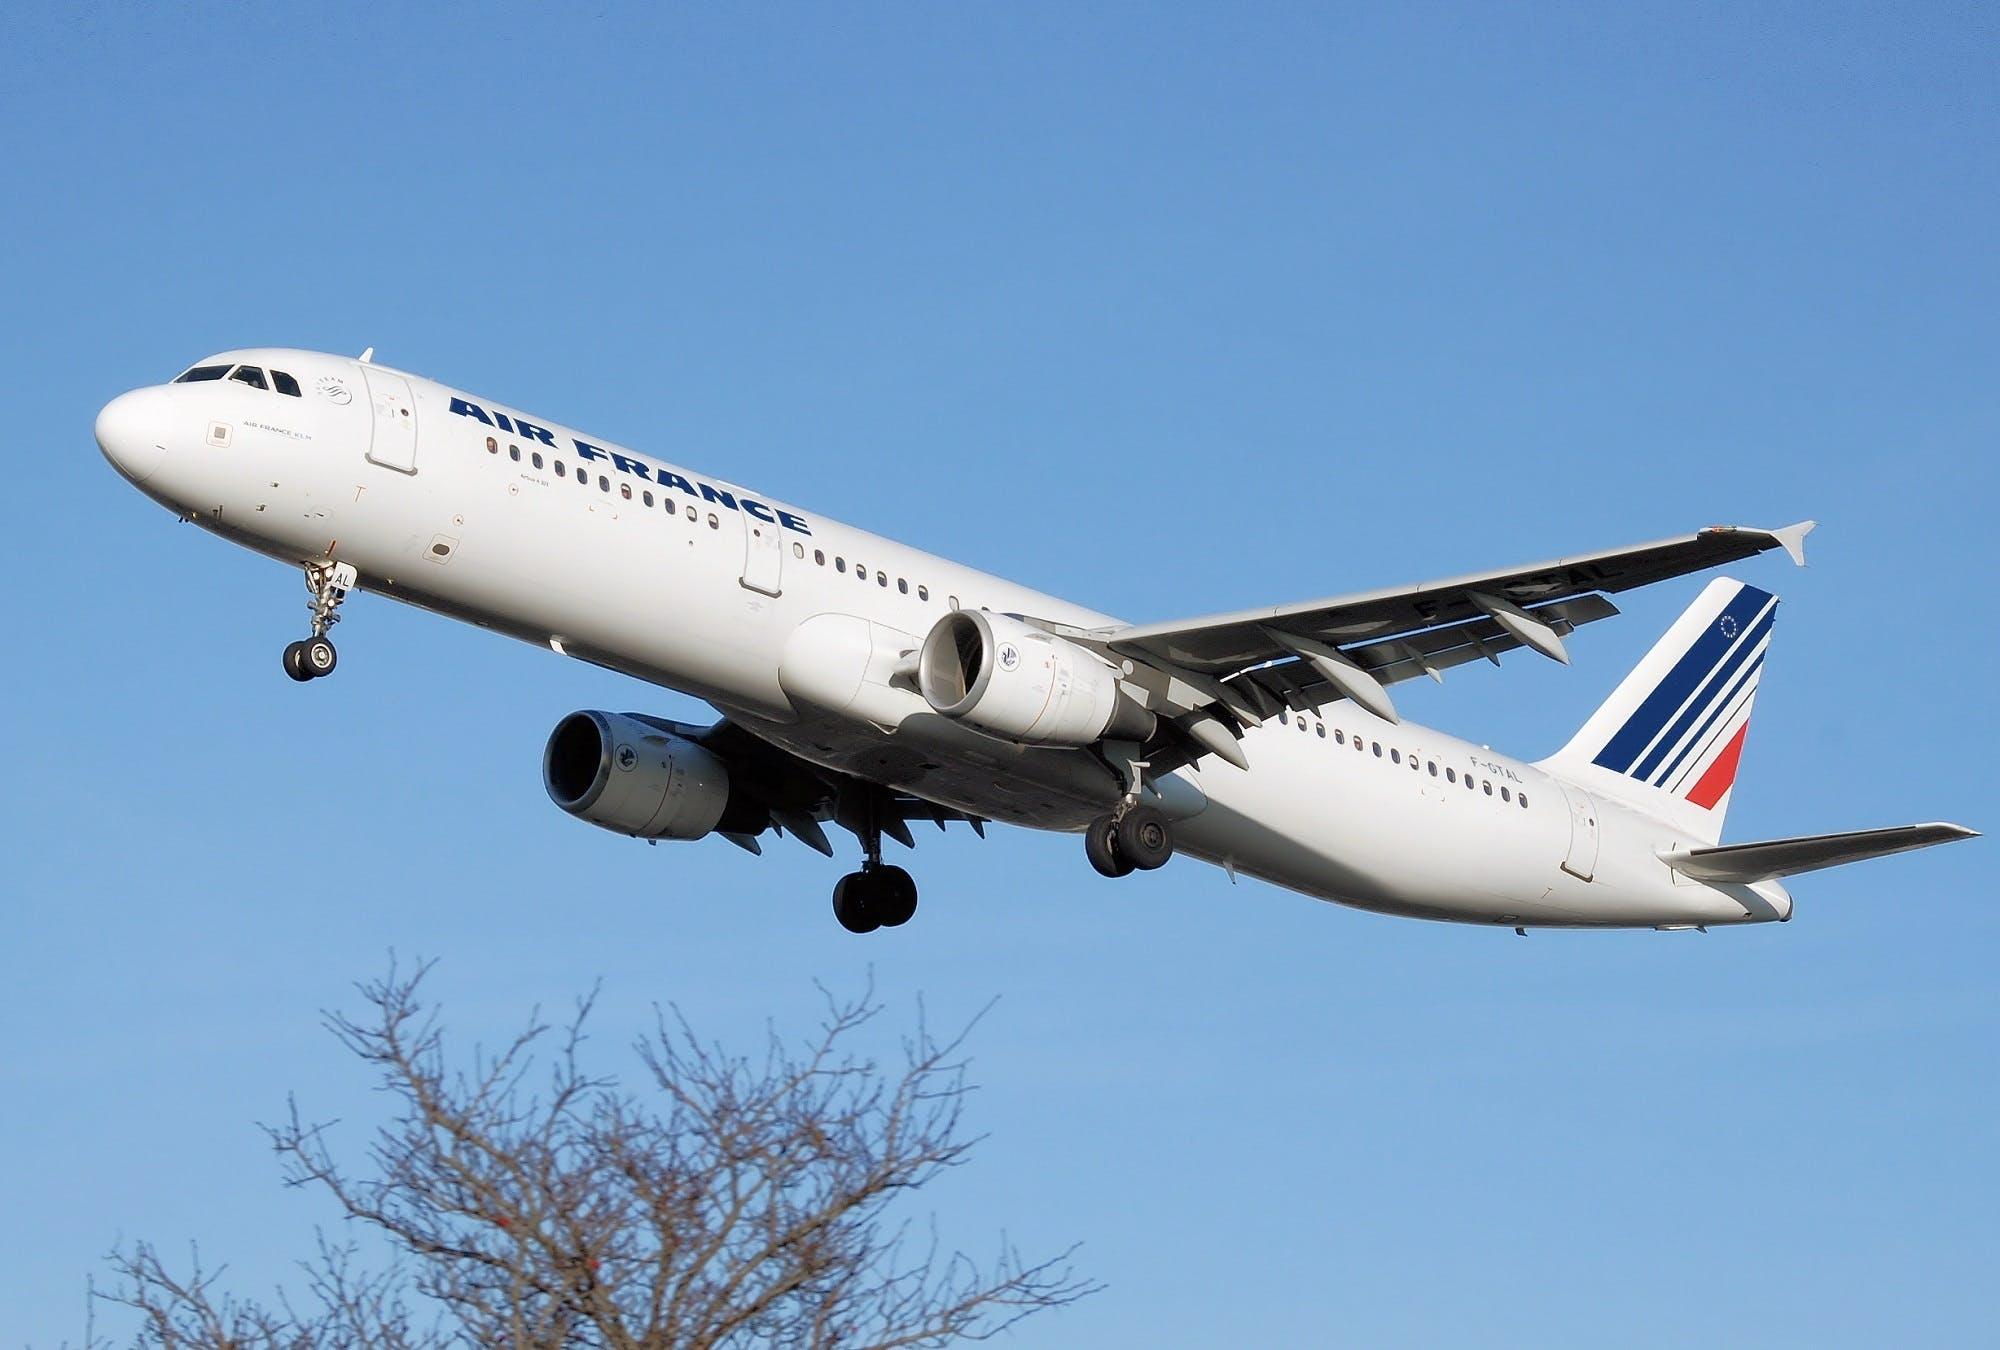 Free stock photo of flight, sky, airplane, jet